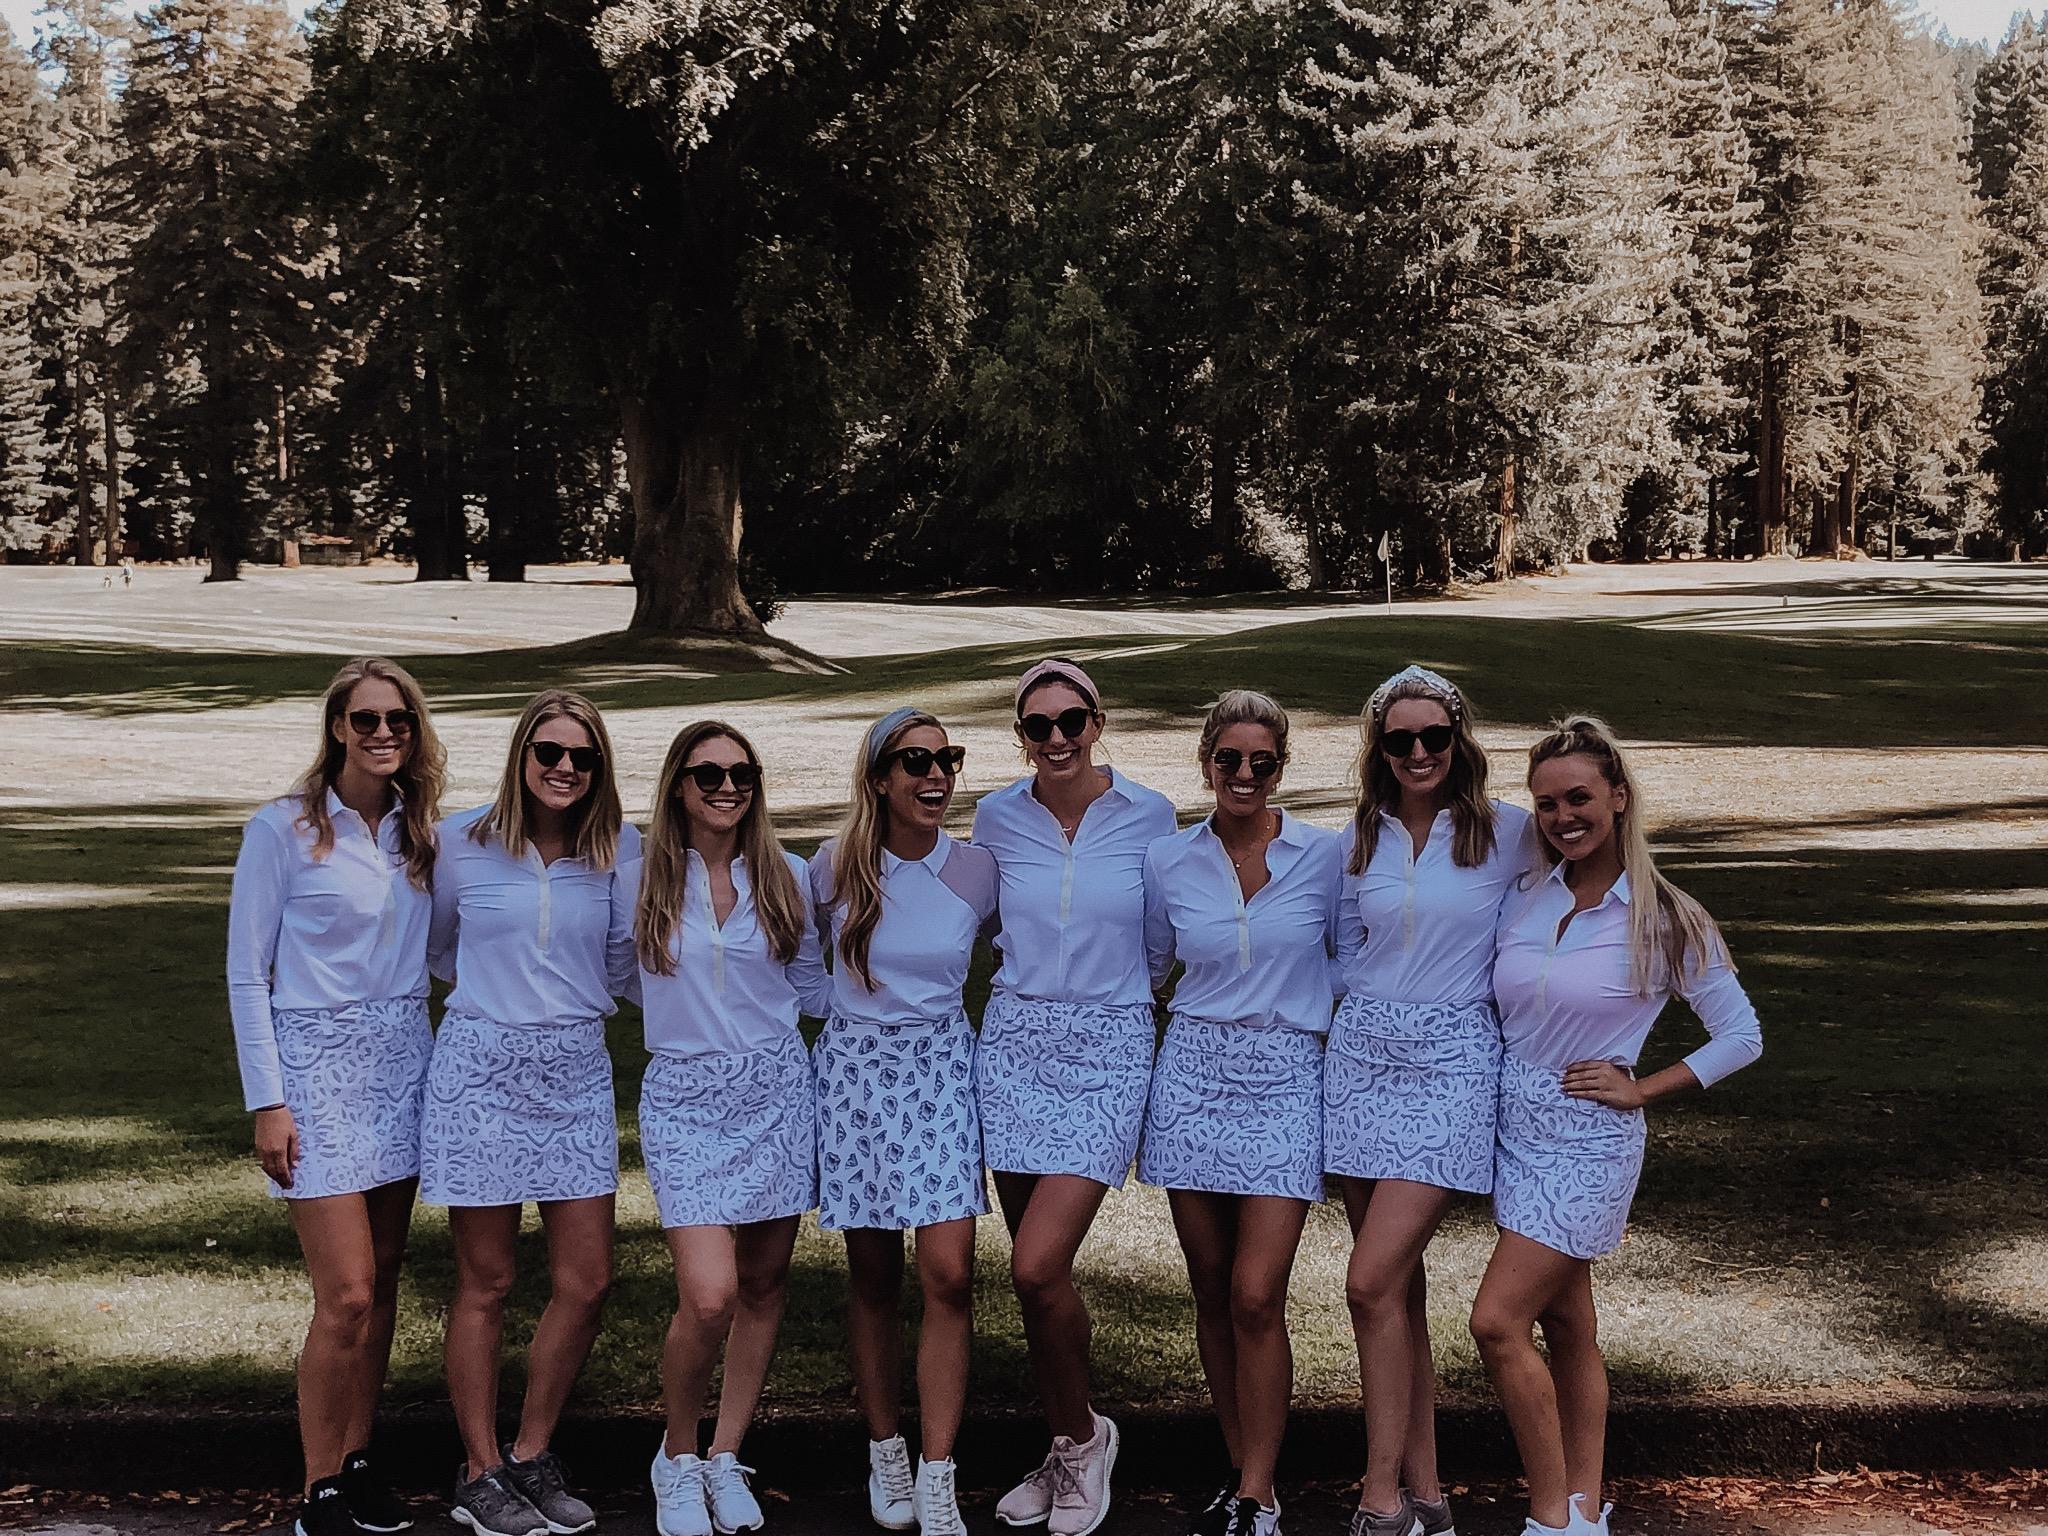 Kira Kazantsev Golf Tournament